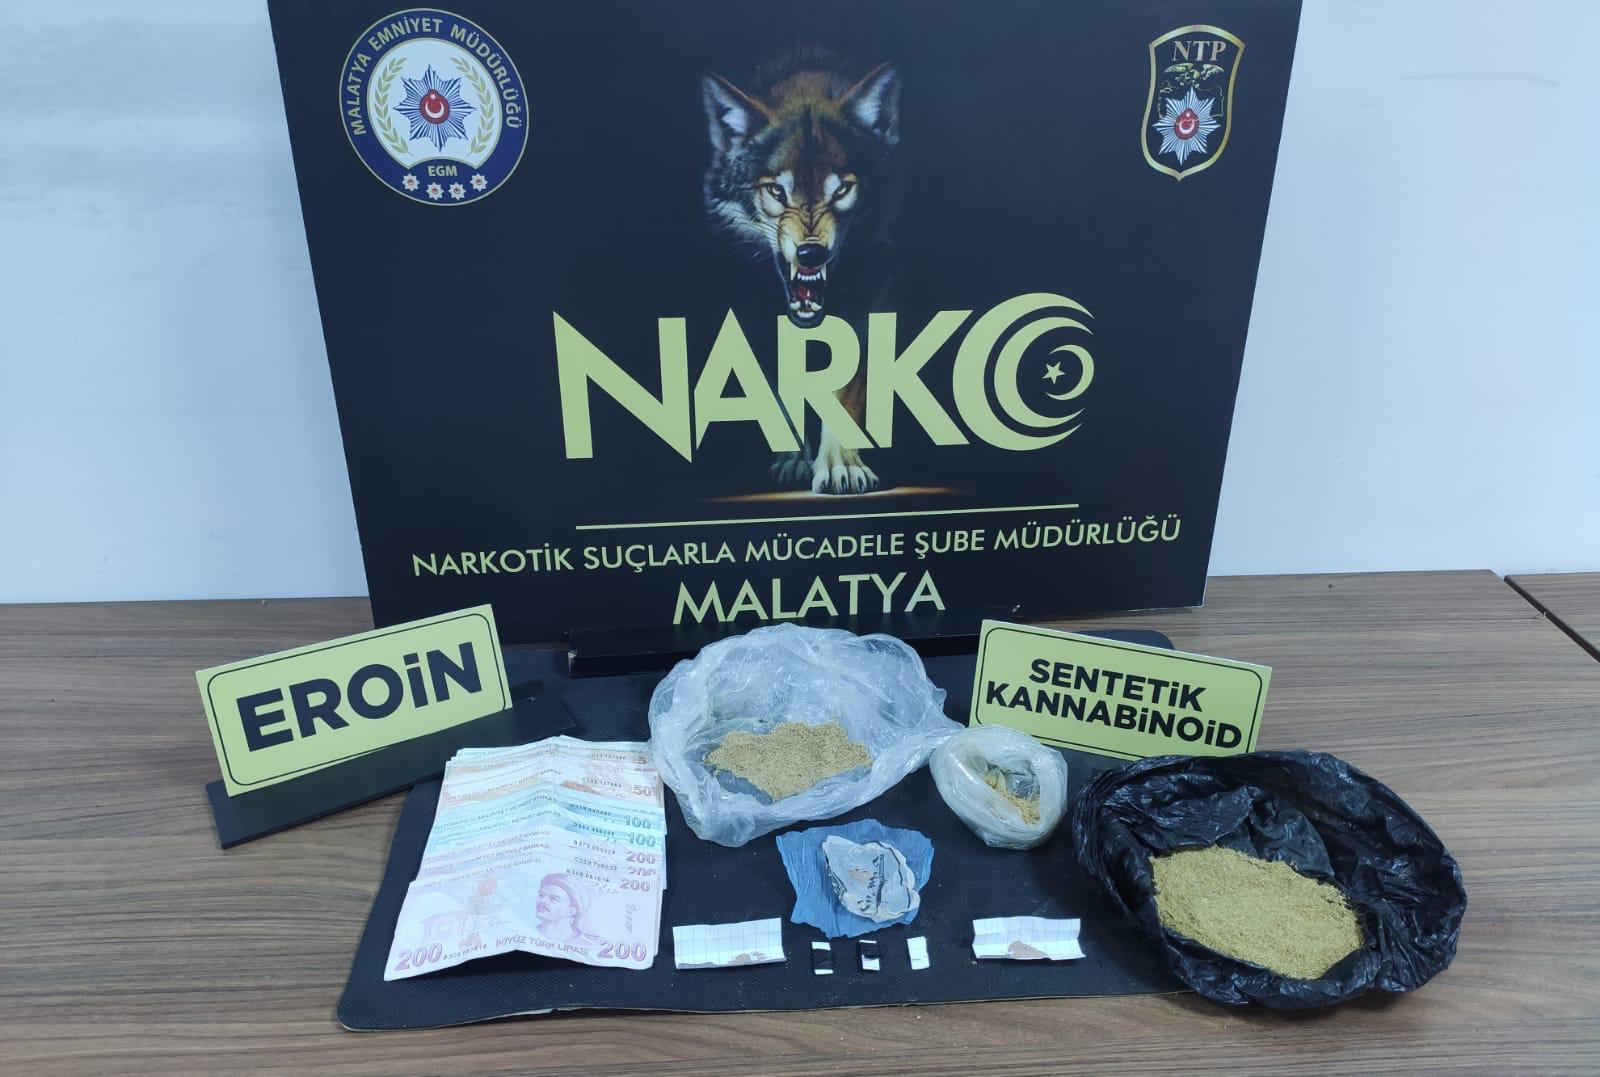 Narkotik 'ten Geniş kapsamlı Operasyon 6 Şüpheli  Yakalandı